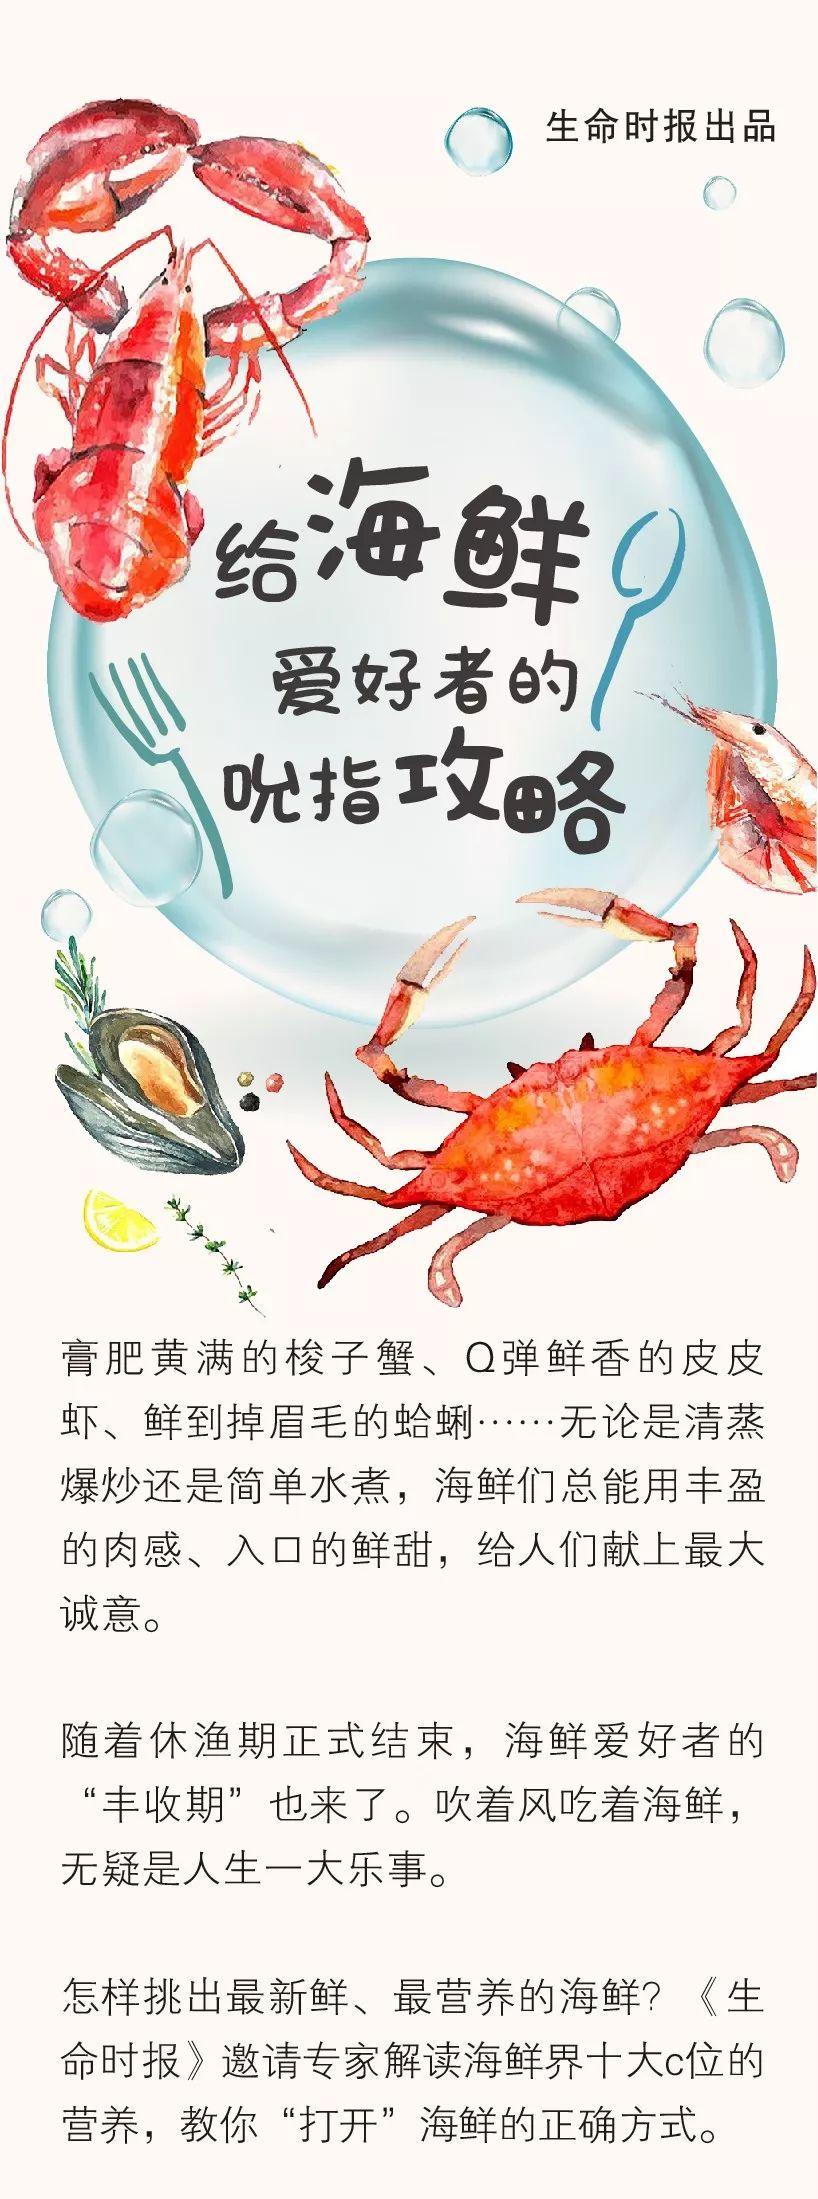 吮指海鲜 [【图解】一份给海鲜爱好者的吮指攻略]